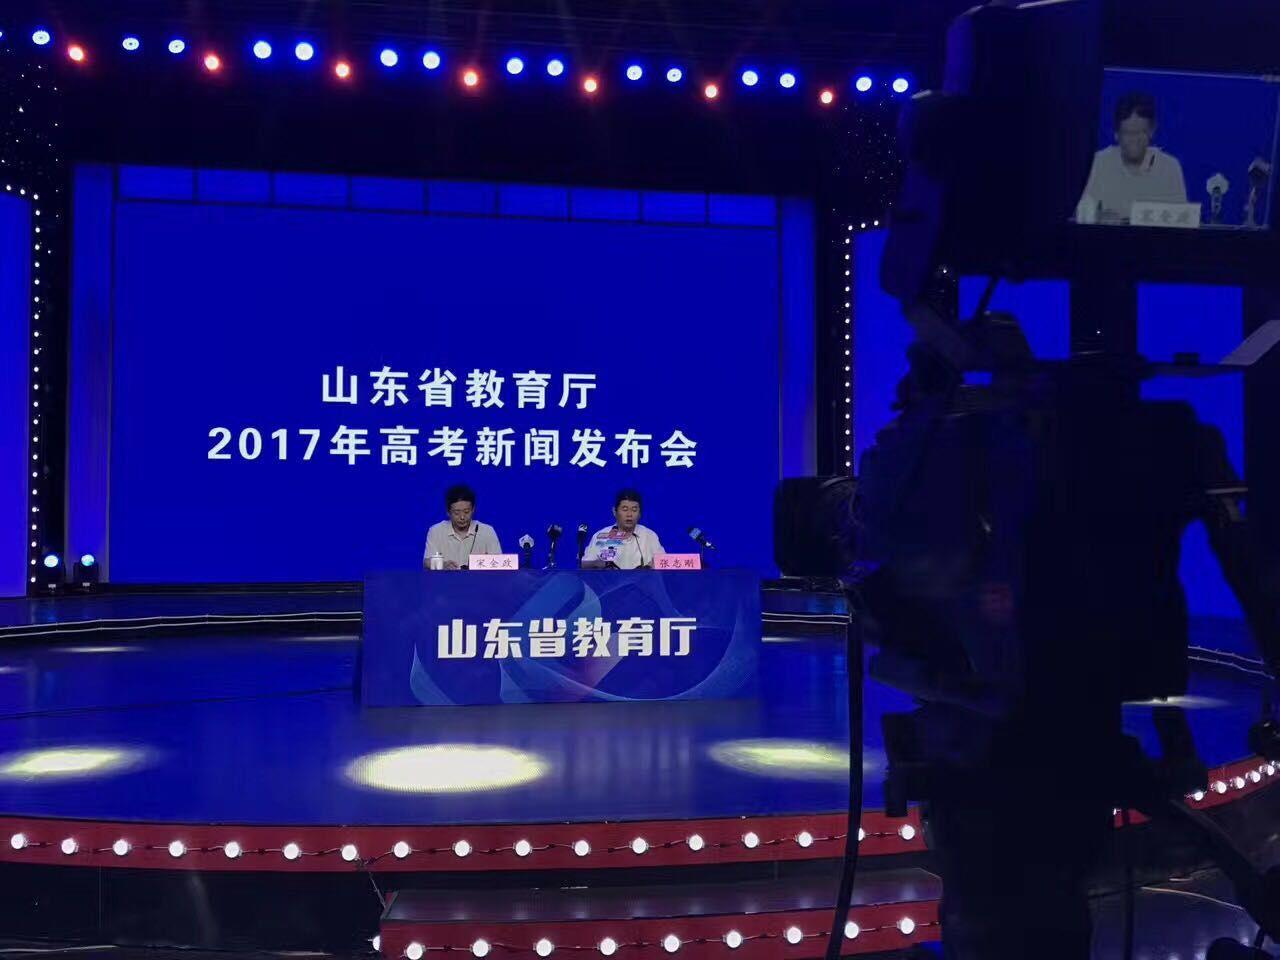 山东省2017年普通高校招生考试  第一次新闻发布会举行